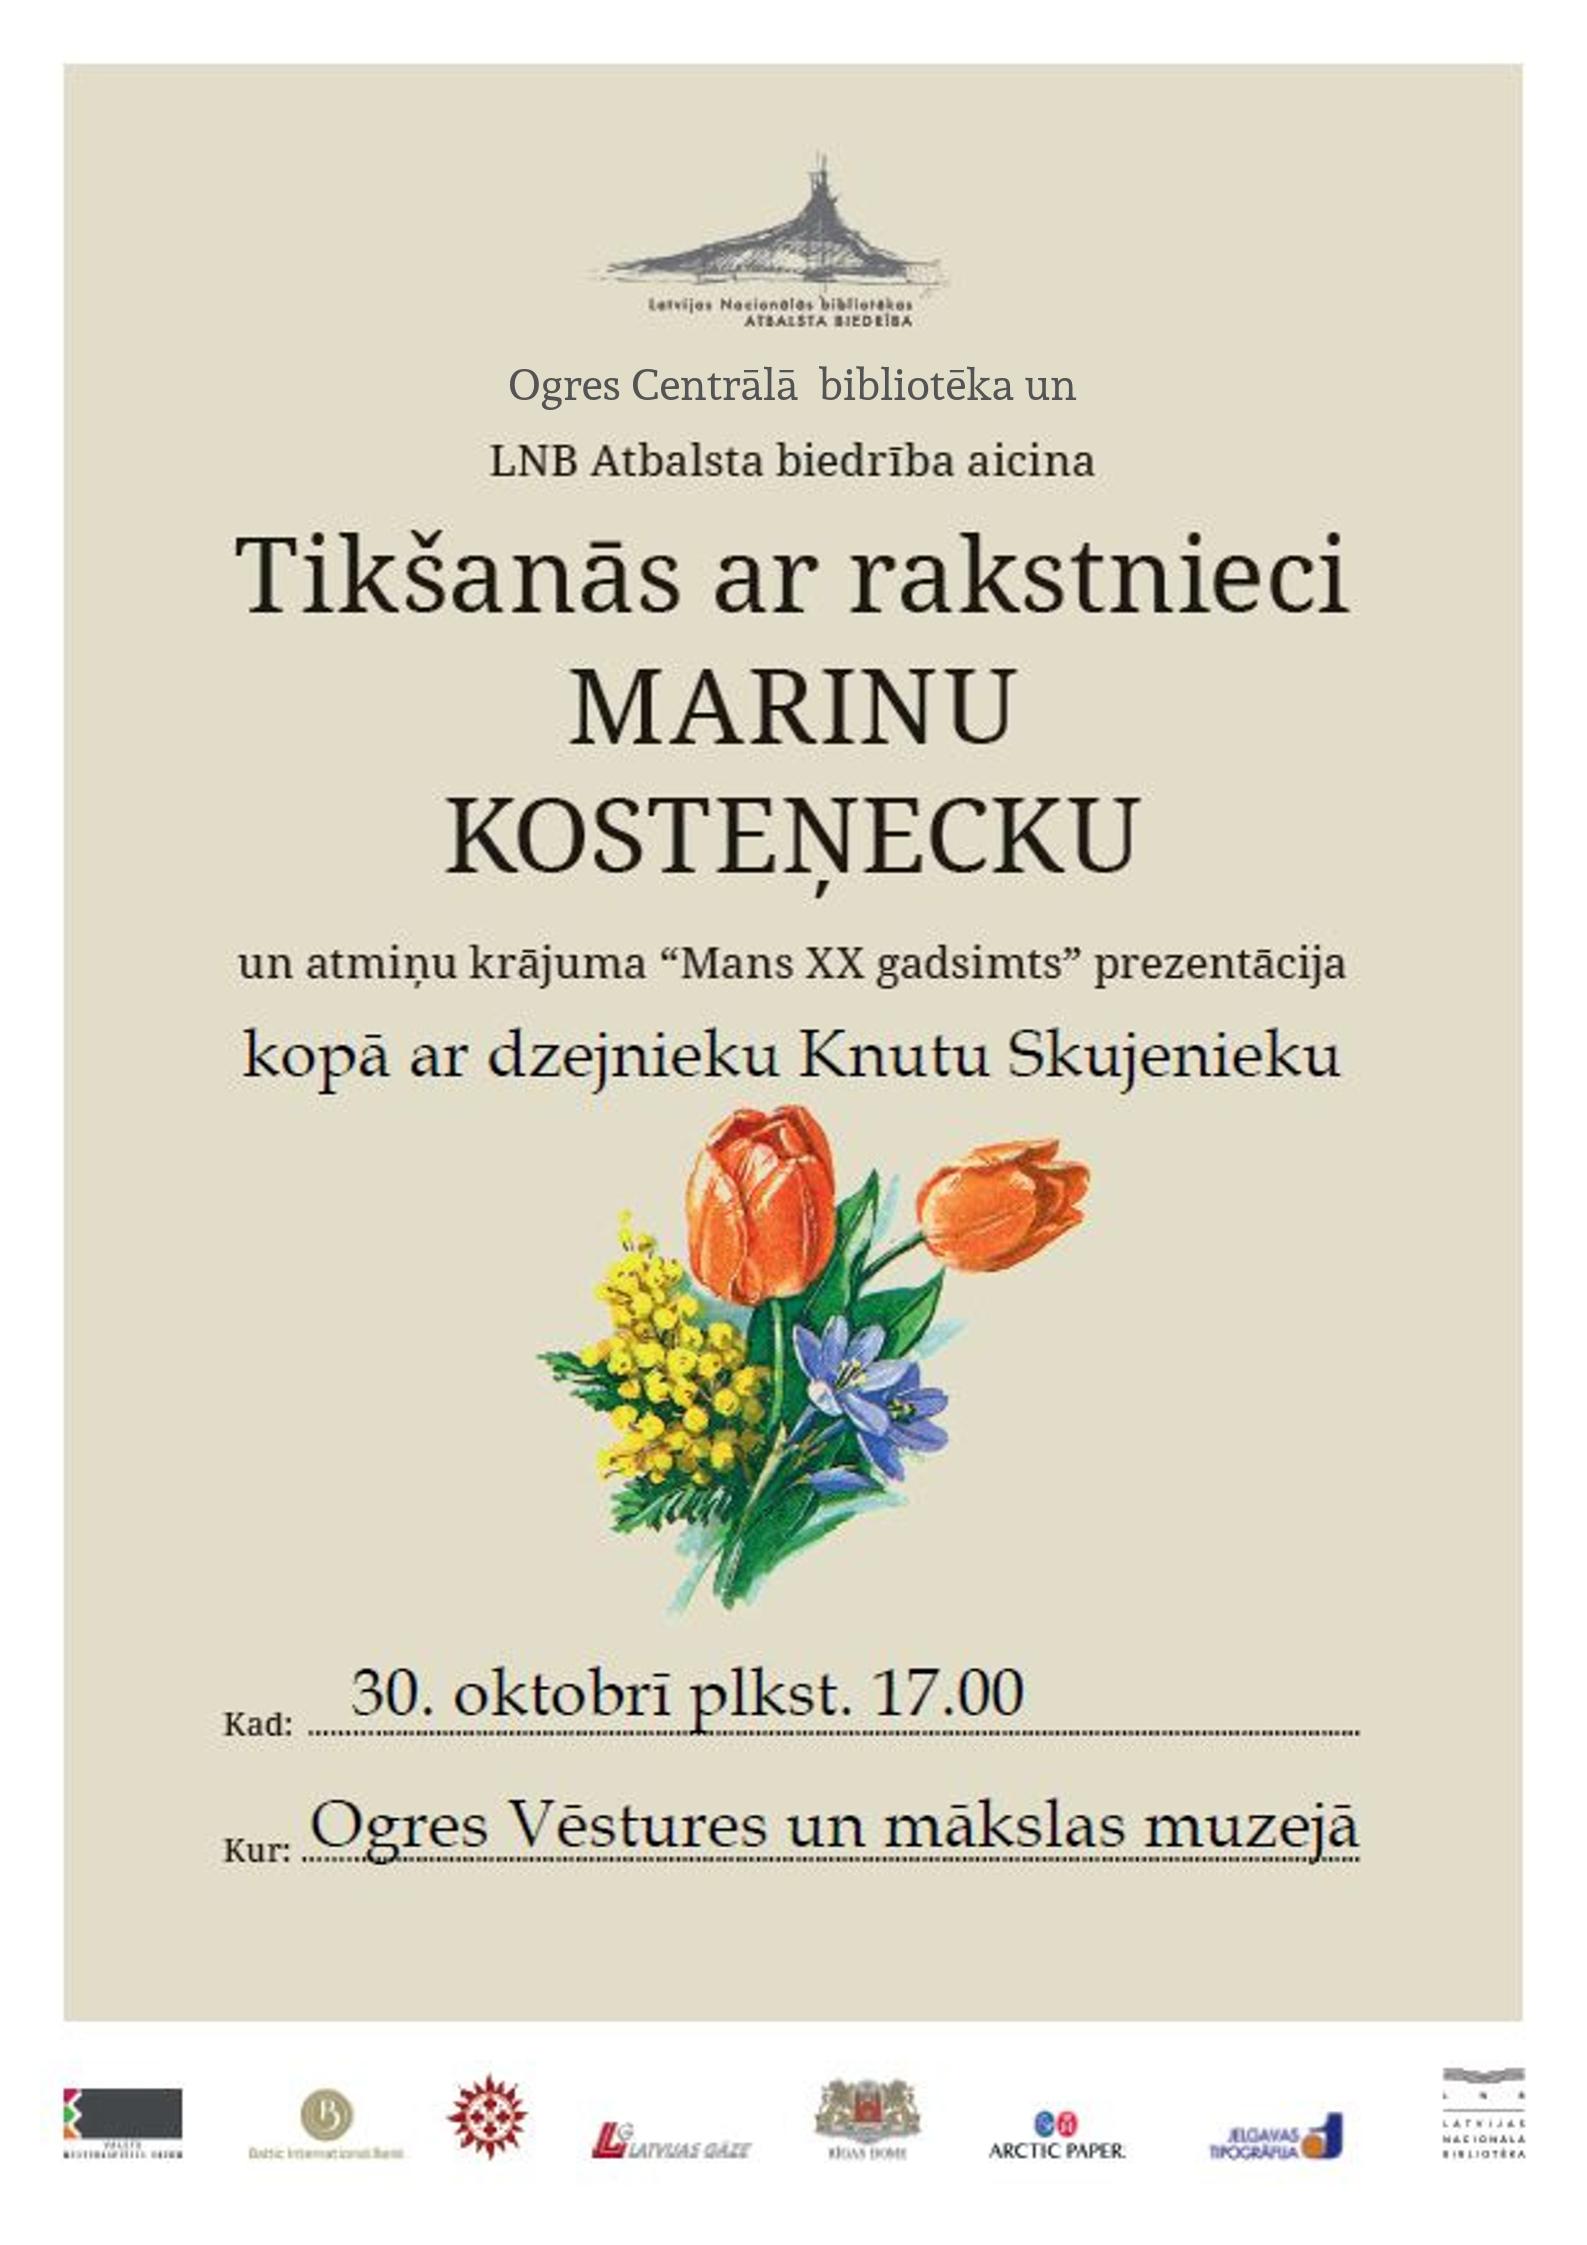 Rakstniece Marina Kosteņecka Un Dzejnieks Knuts Skujenieks Tiksies Ar Lasītājiem Ogrē